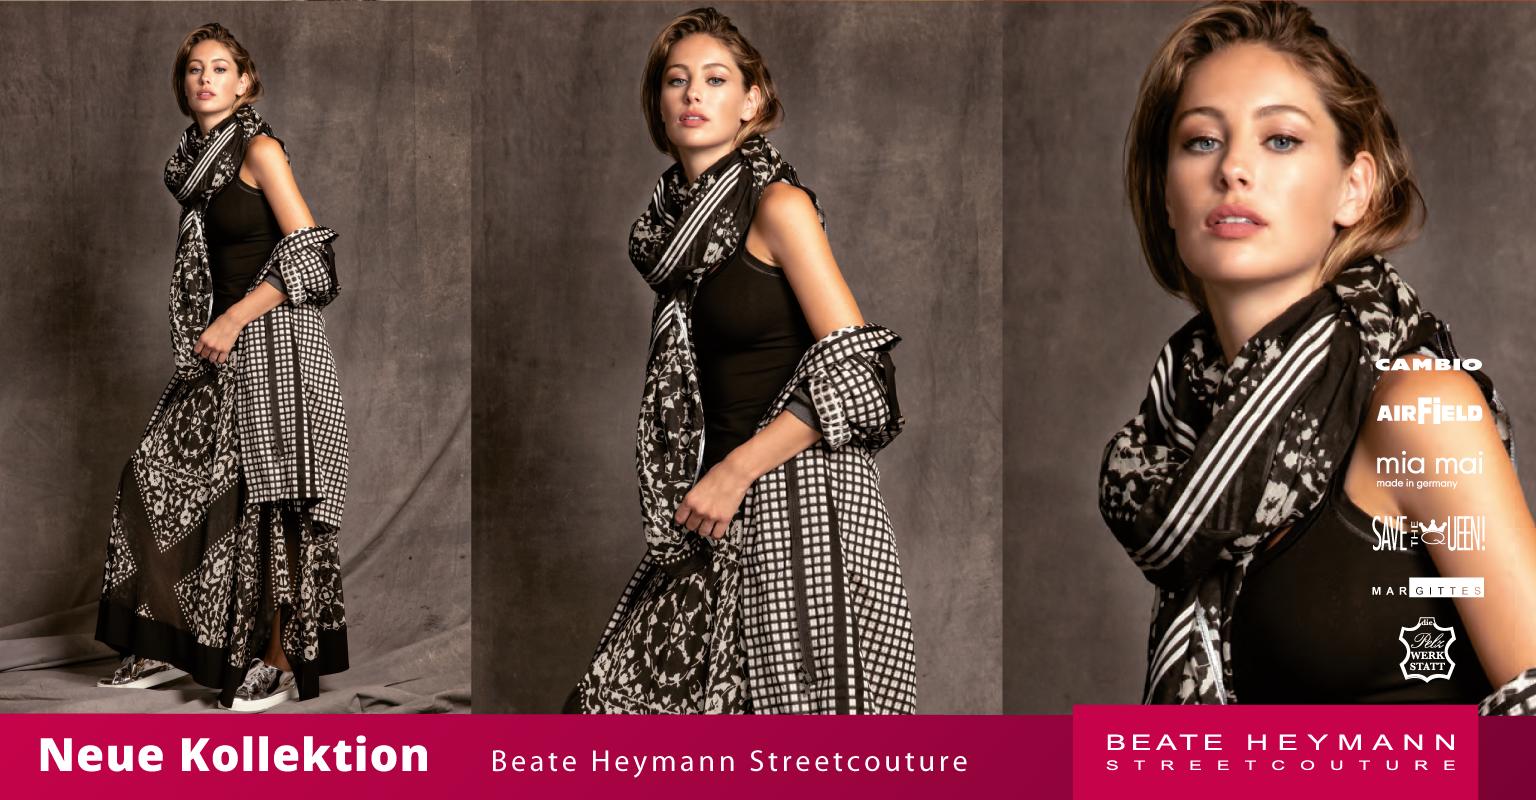 Mode-und-Design-beate-heymann-streetcouture